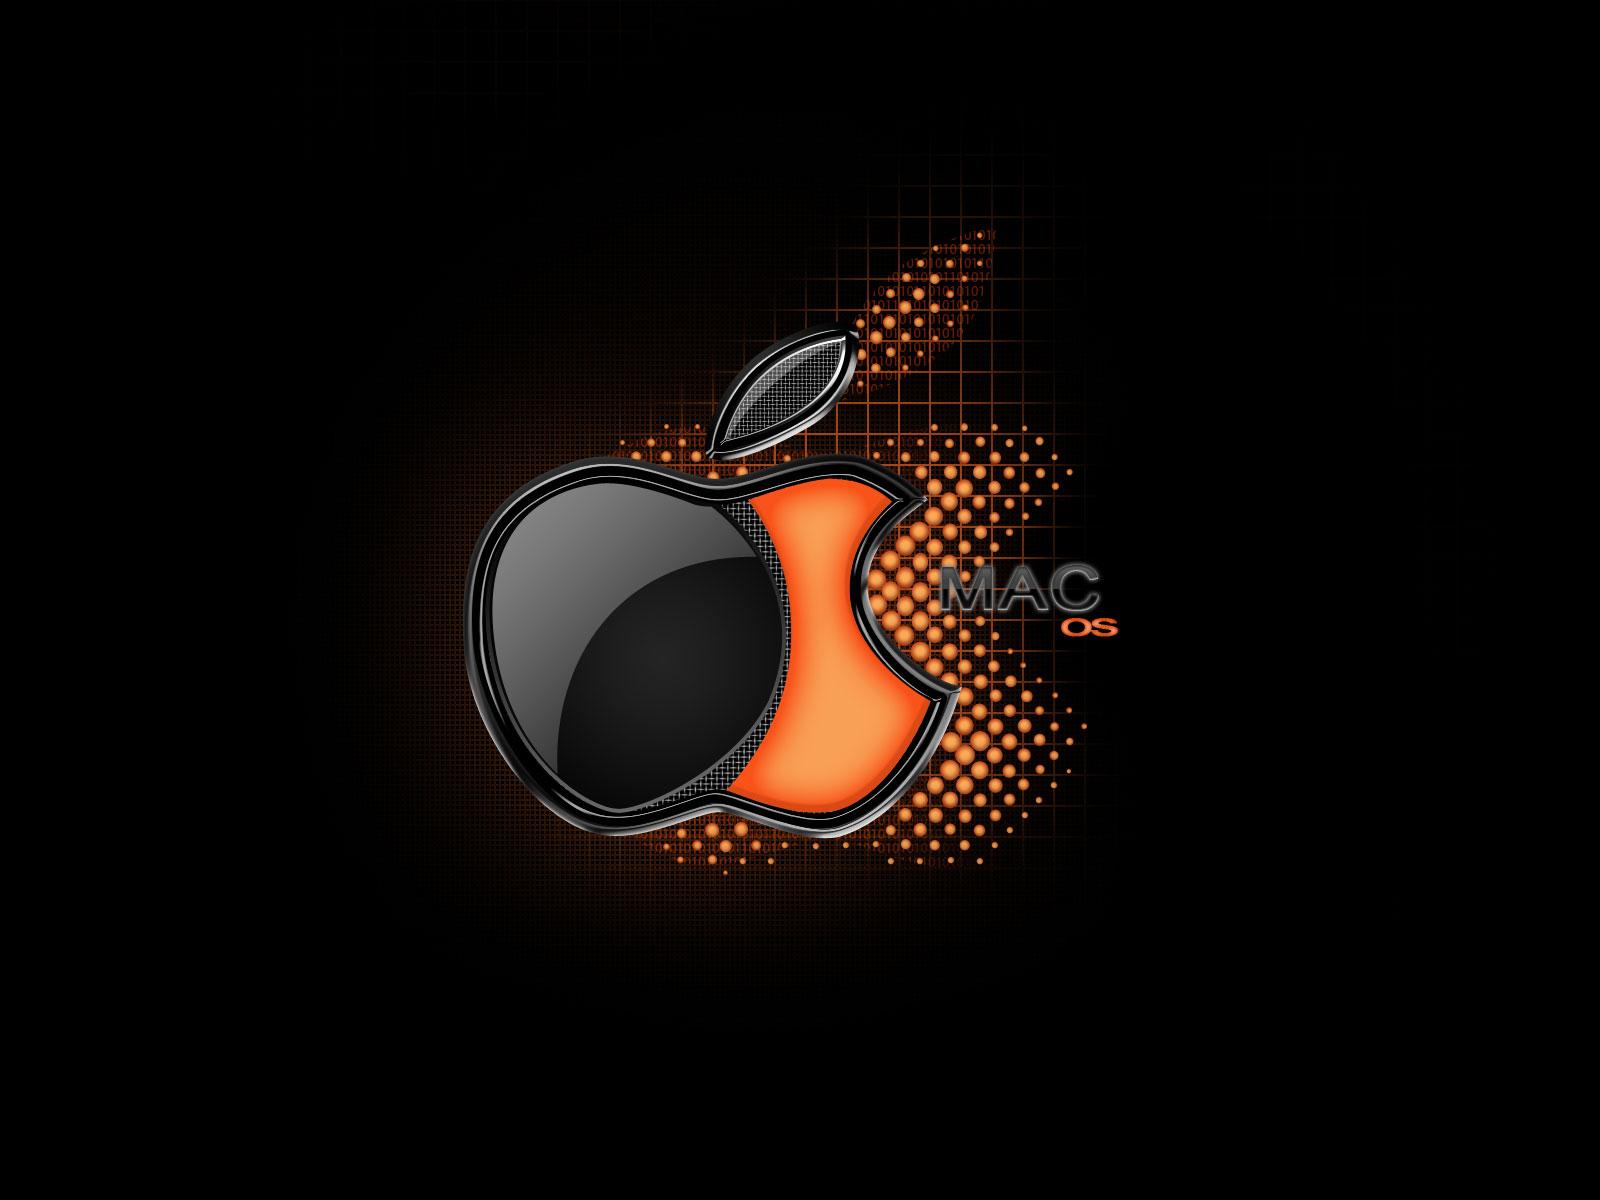 http://2.bp.blogspot.com/-_hbZZxKl2k8/TbI1FPgjmdI/AAAAAAAAABs/oW2ZF2vvFiM/s1600/mac-os-x-wallpaper.jpg